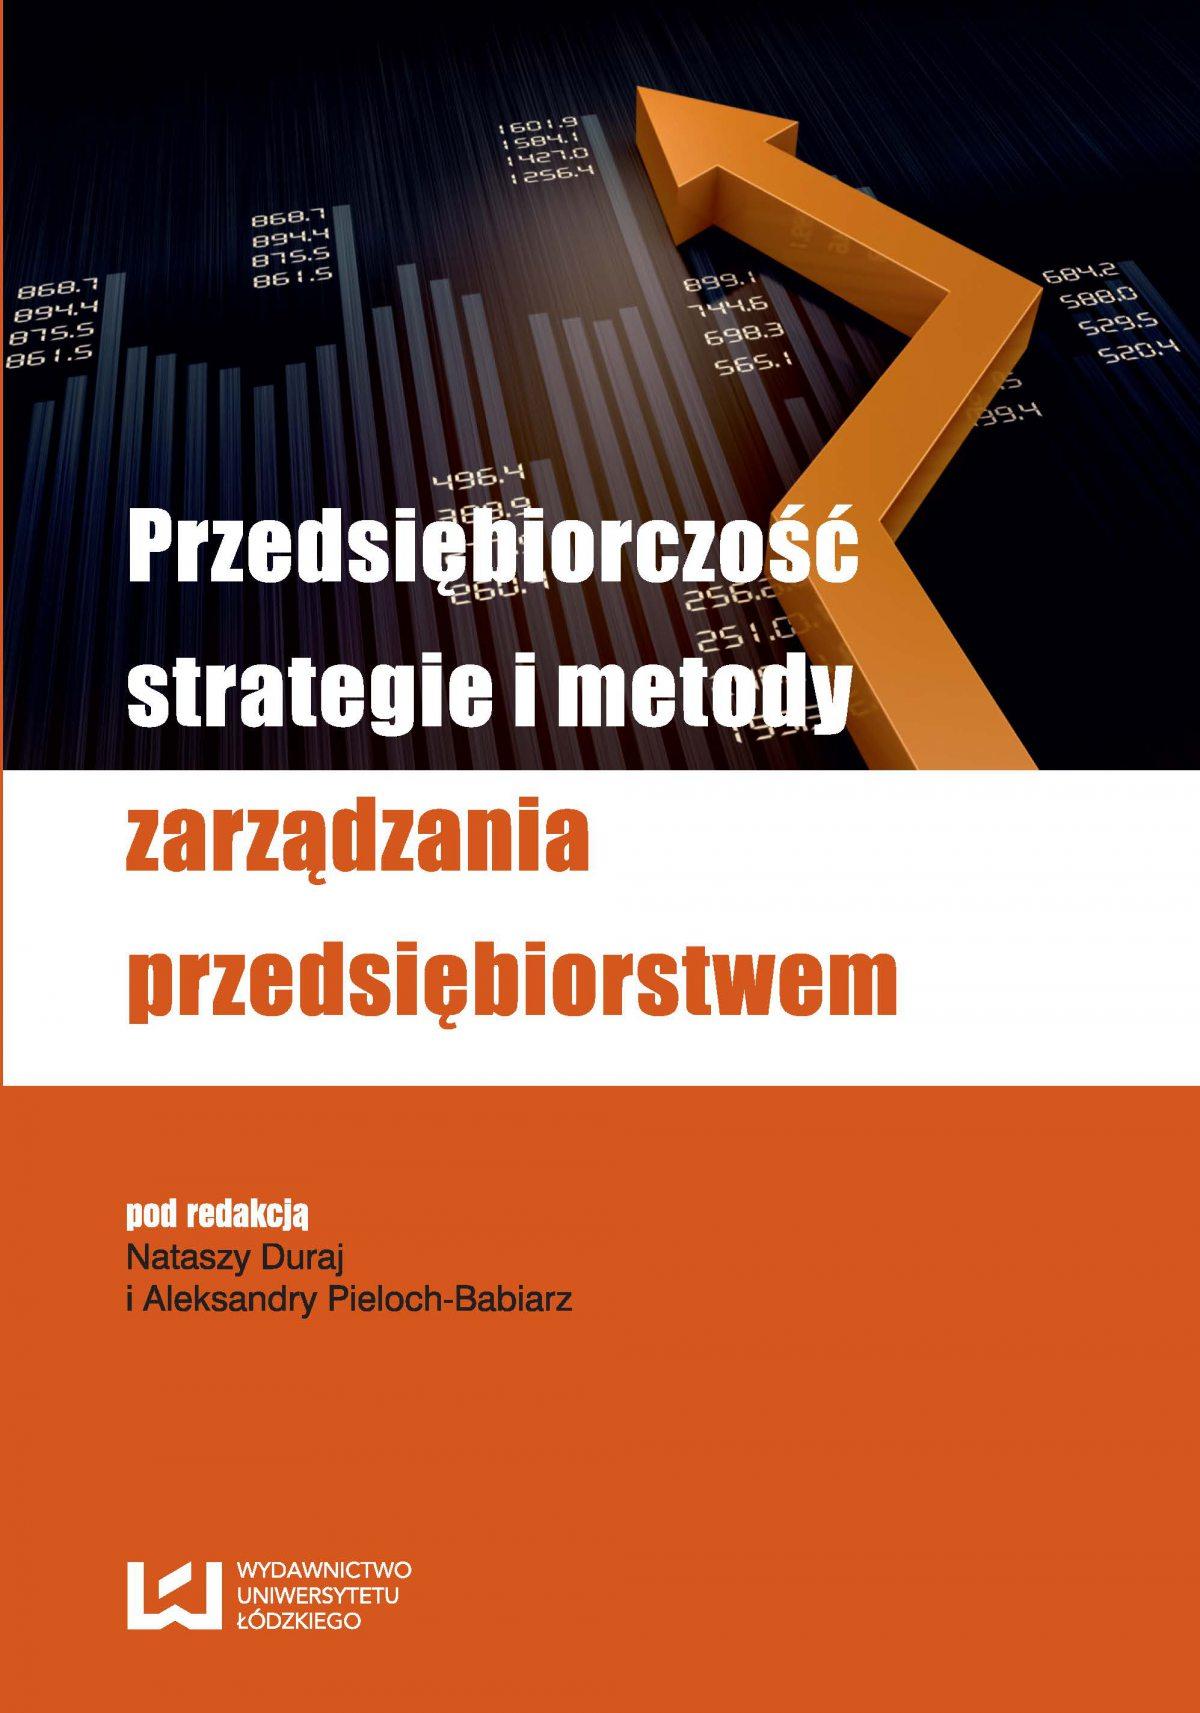 Przedsiębiorczość, strategie i metody zarządzania przedsiębiorstwem - Ebook (Książka PDF) do pobrania w formacie PDF